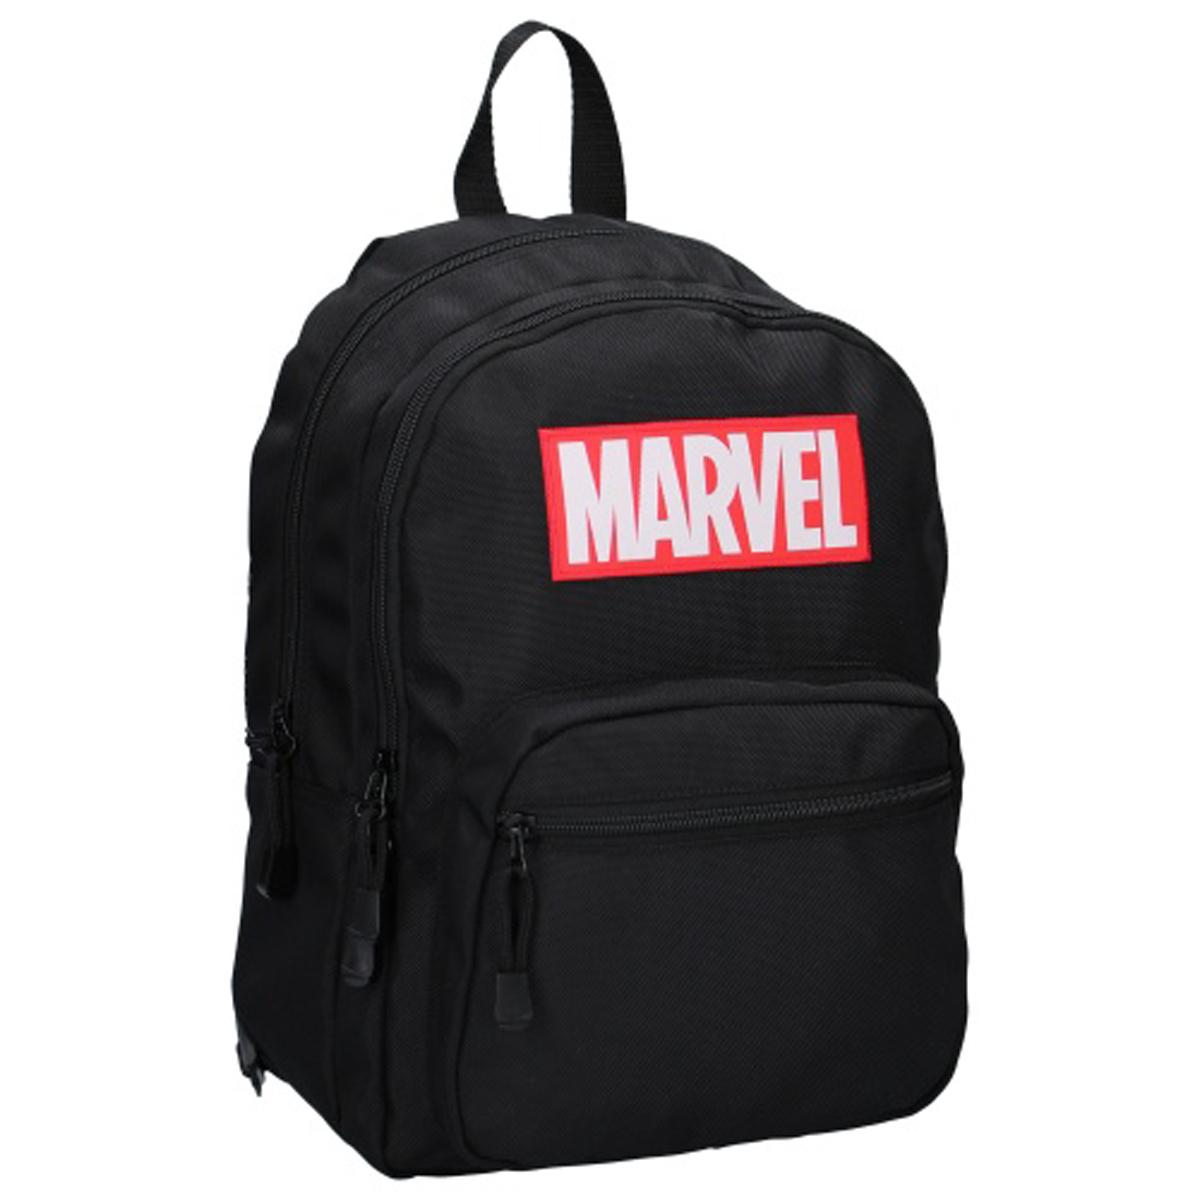 Sac à dos double \'Marvel\' noir - 38x26x14 cm - [Q8694]